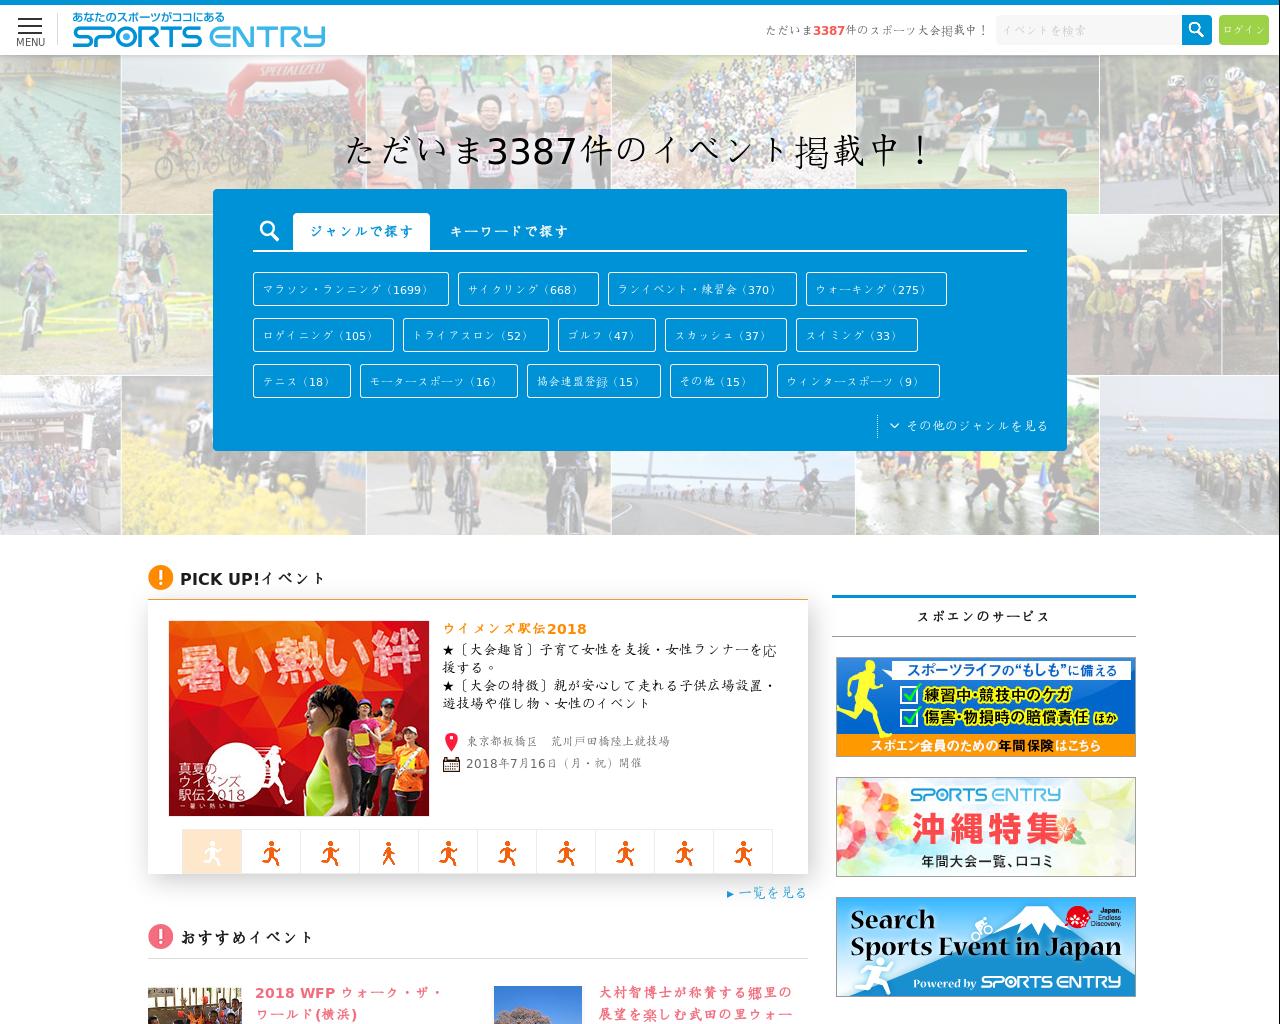 www.sportsentry.ne.jp(2018/03/01 15:40:41)